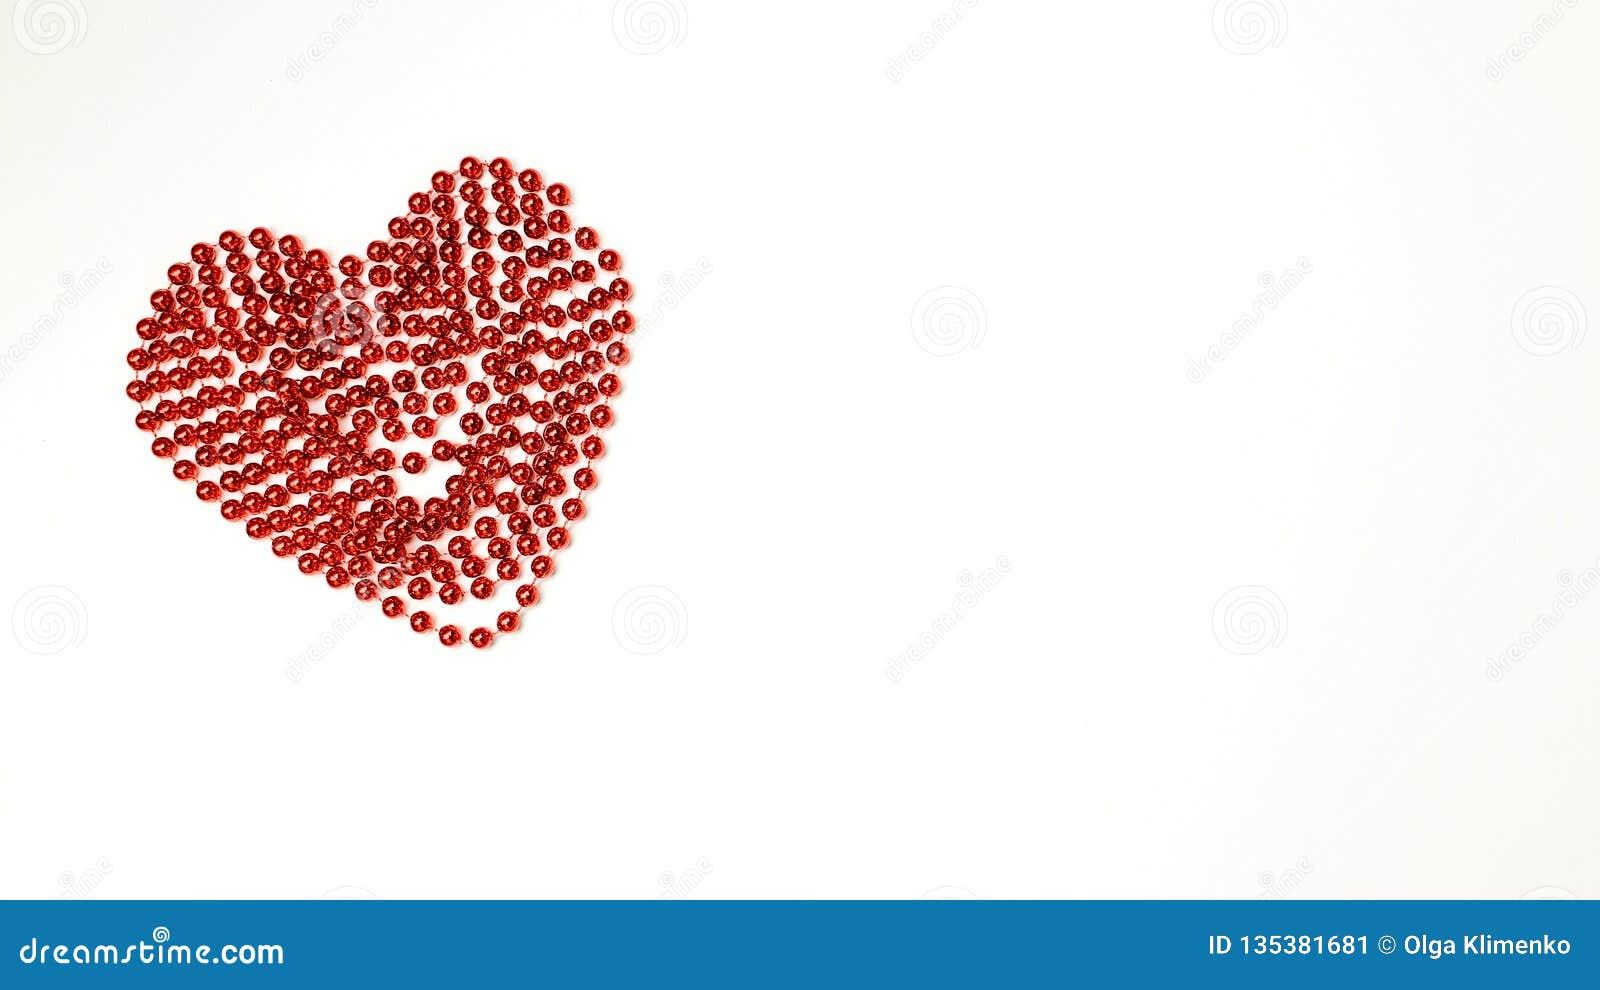 Die Kette von den roten Bällen gefaltet in Form eines Herzens - ein Symbol aller Liebhaber und Valentinstags